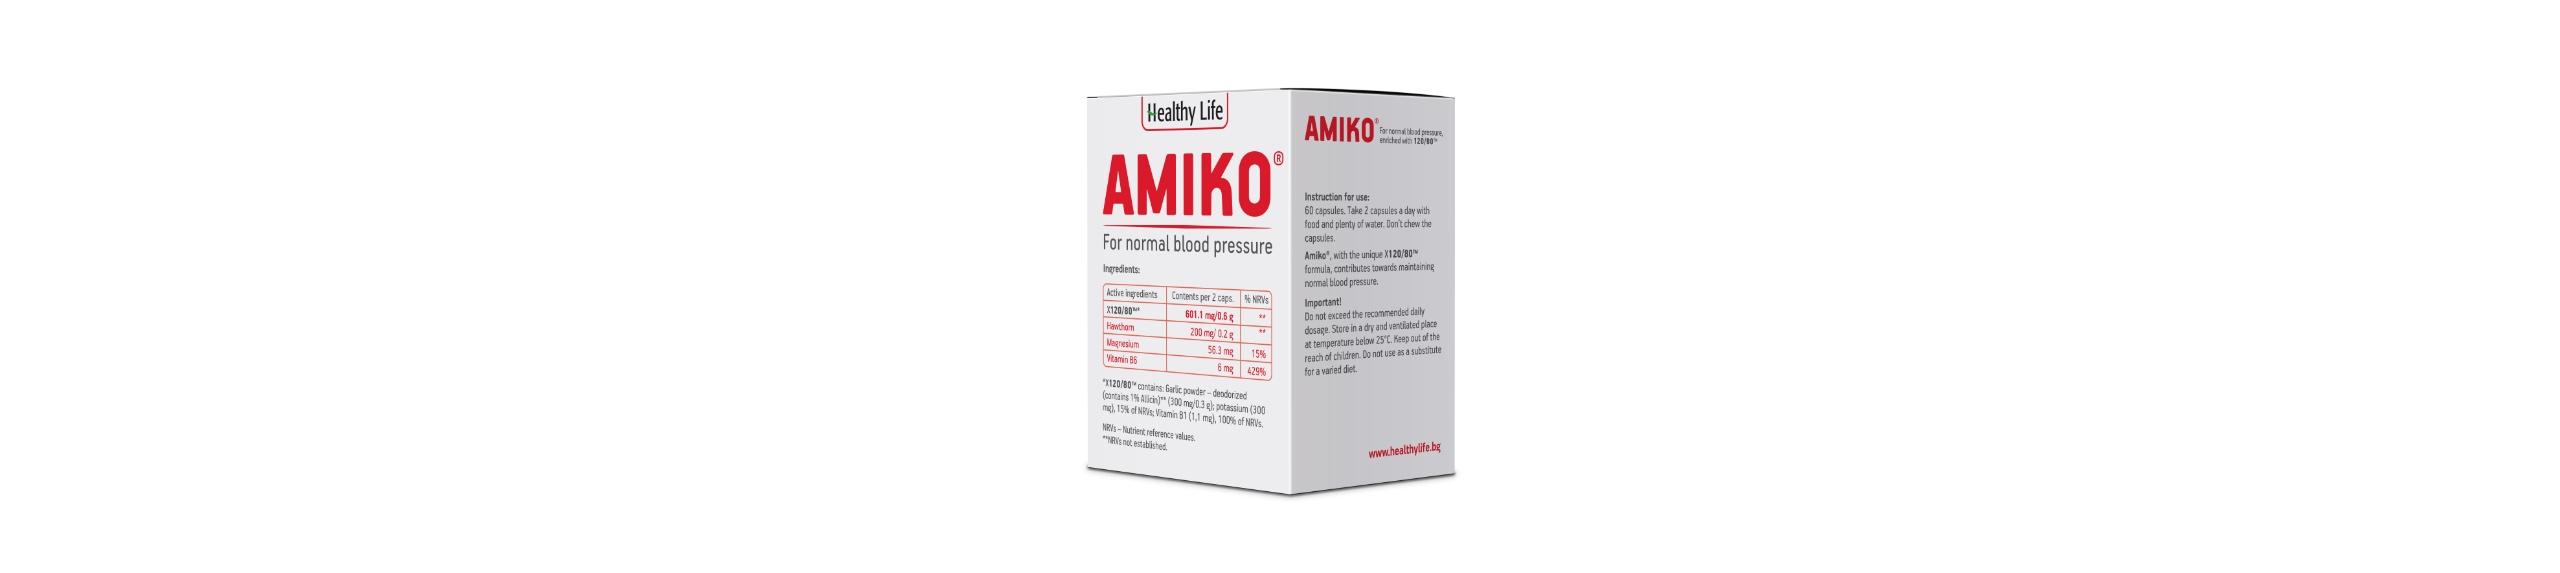 P3-Slider-img-Amiko3